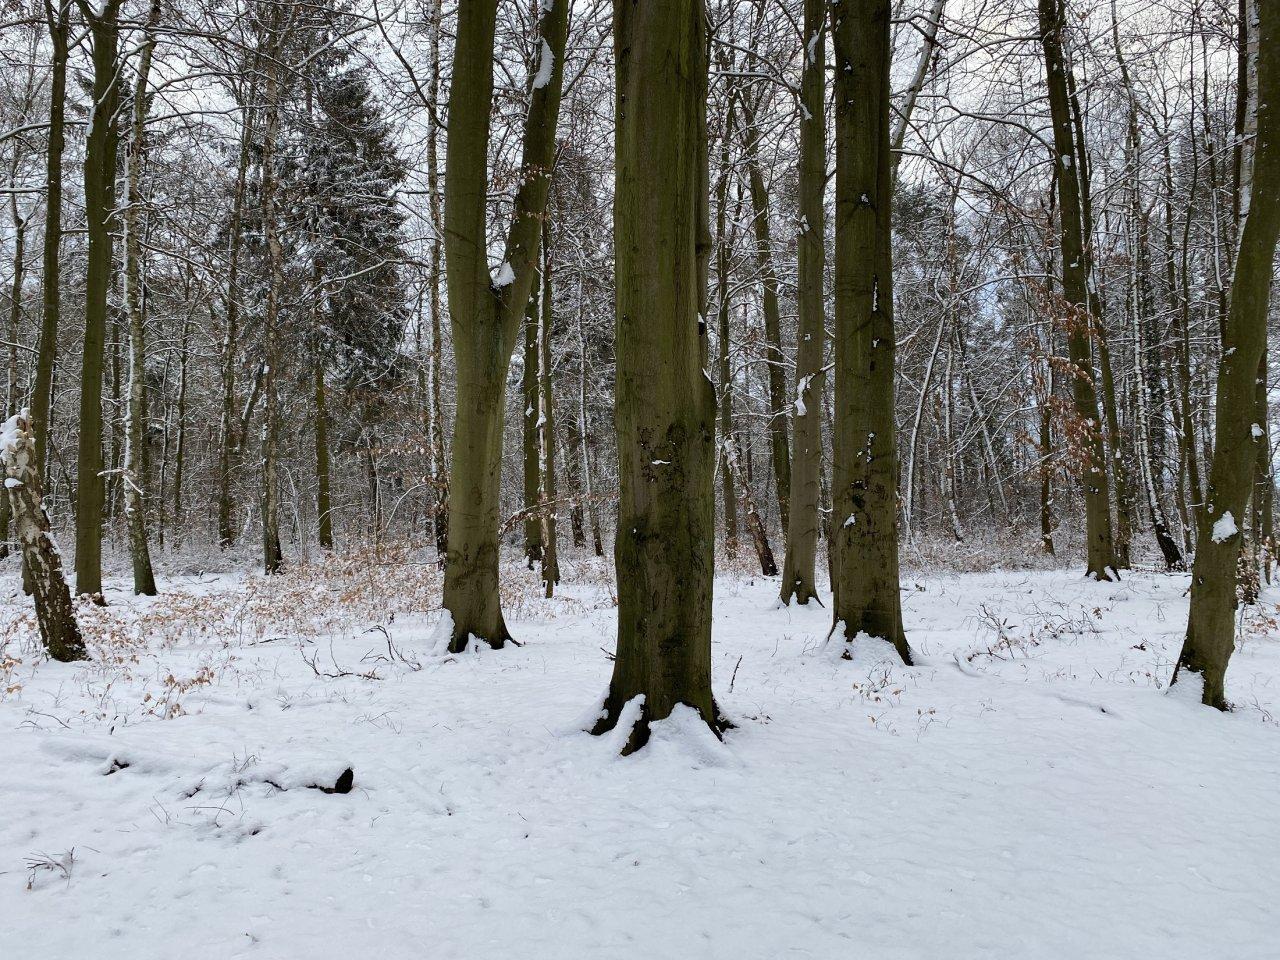 Waldfläche am ´Großen Storkower See´ nahe einer Bungalowsiedlung und Kleingartenanlage